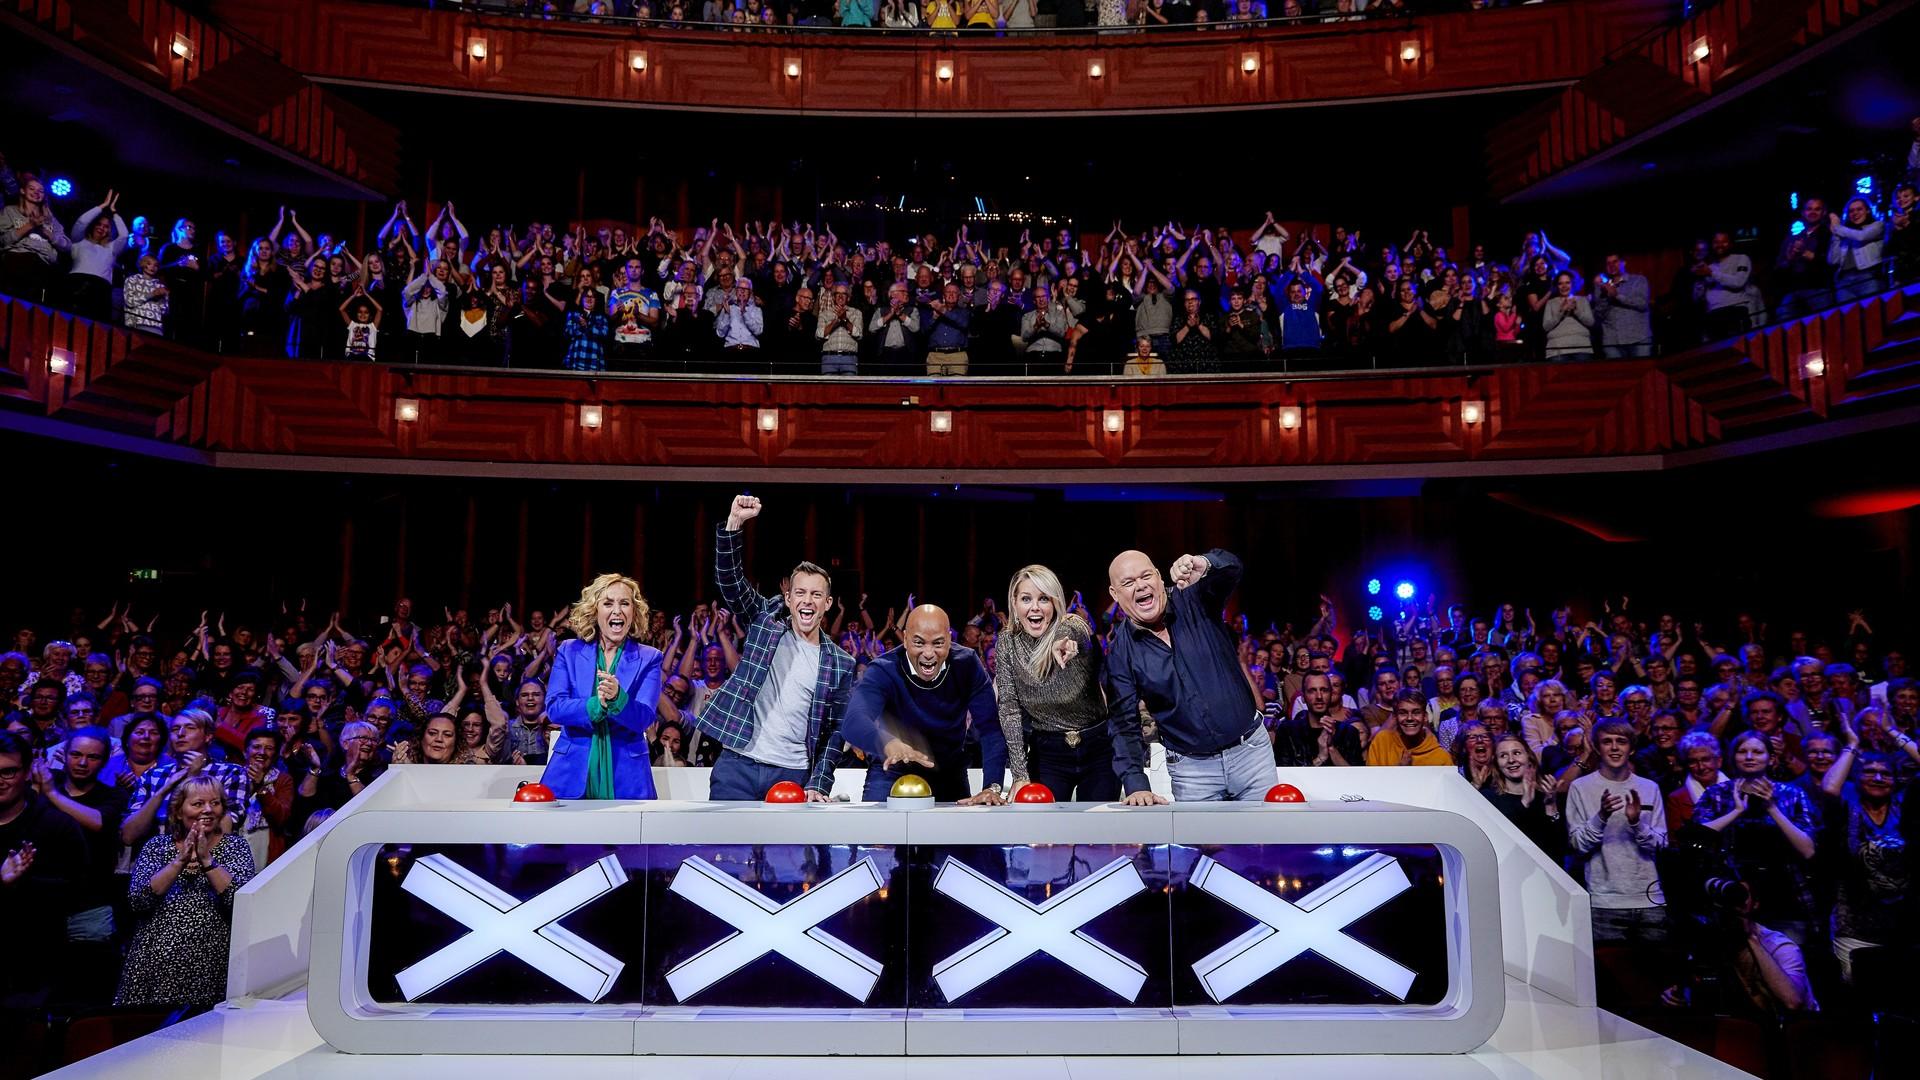 Heeft RTL 4 er goed aan gedaan om Paul de Leeuw in de jury van Holland's Got Talent te zetten?